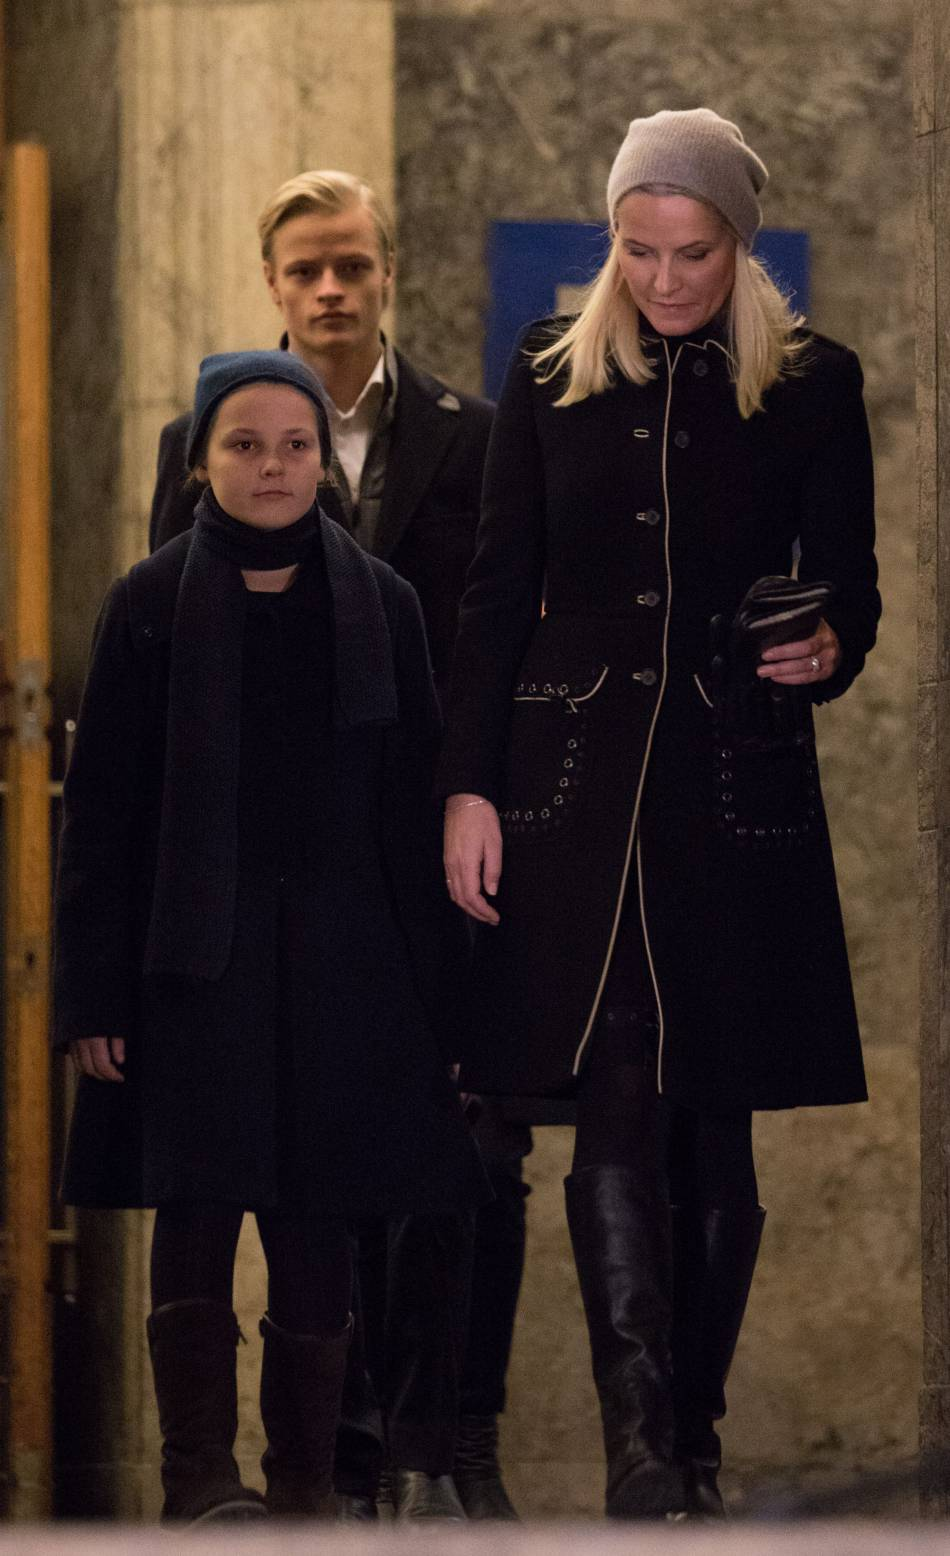 Marius est le fils de la princesse Mette-Marit de Norvège.